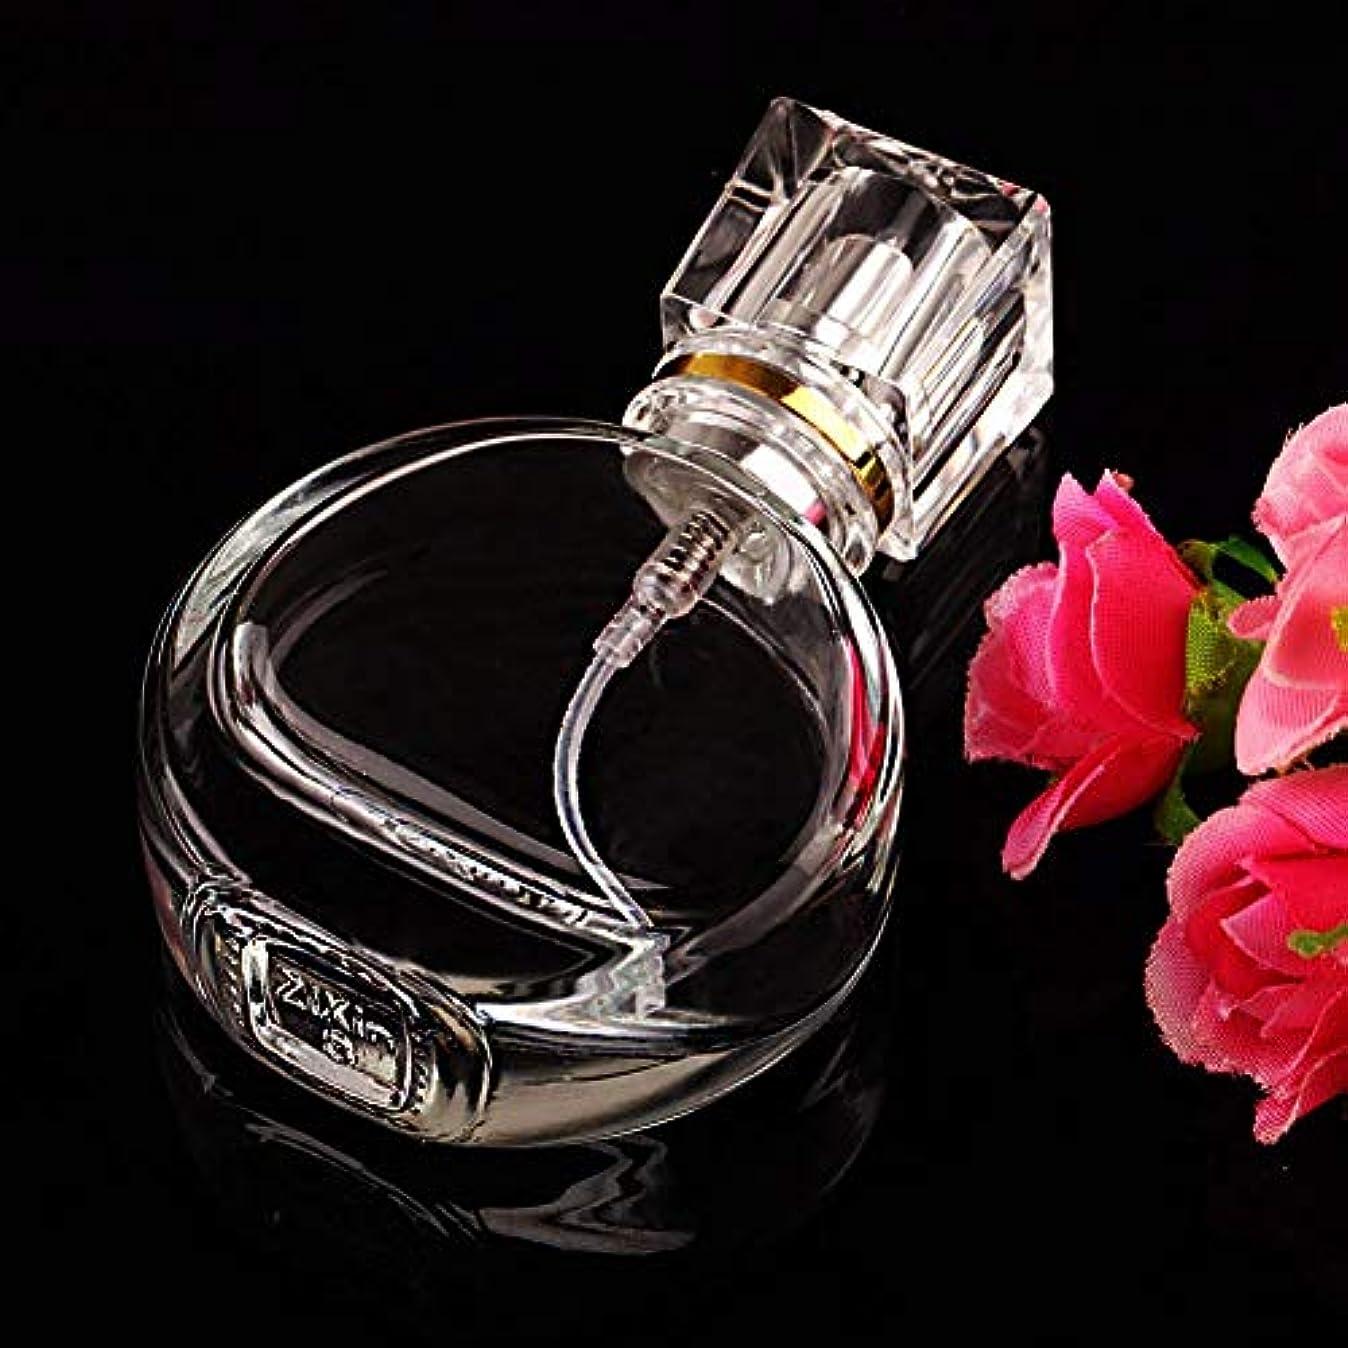 慈悲深い十つかむVERY100 高品質ガラスボトル 香水瓶  アトマイザー  25ML 透明 シンプルデザイン ホーム飾り 装飾雑貨